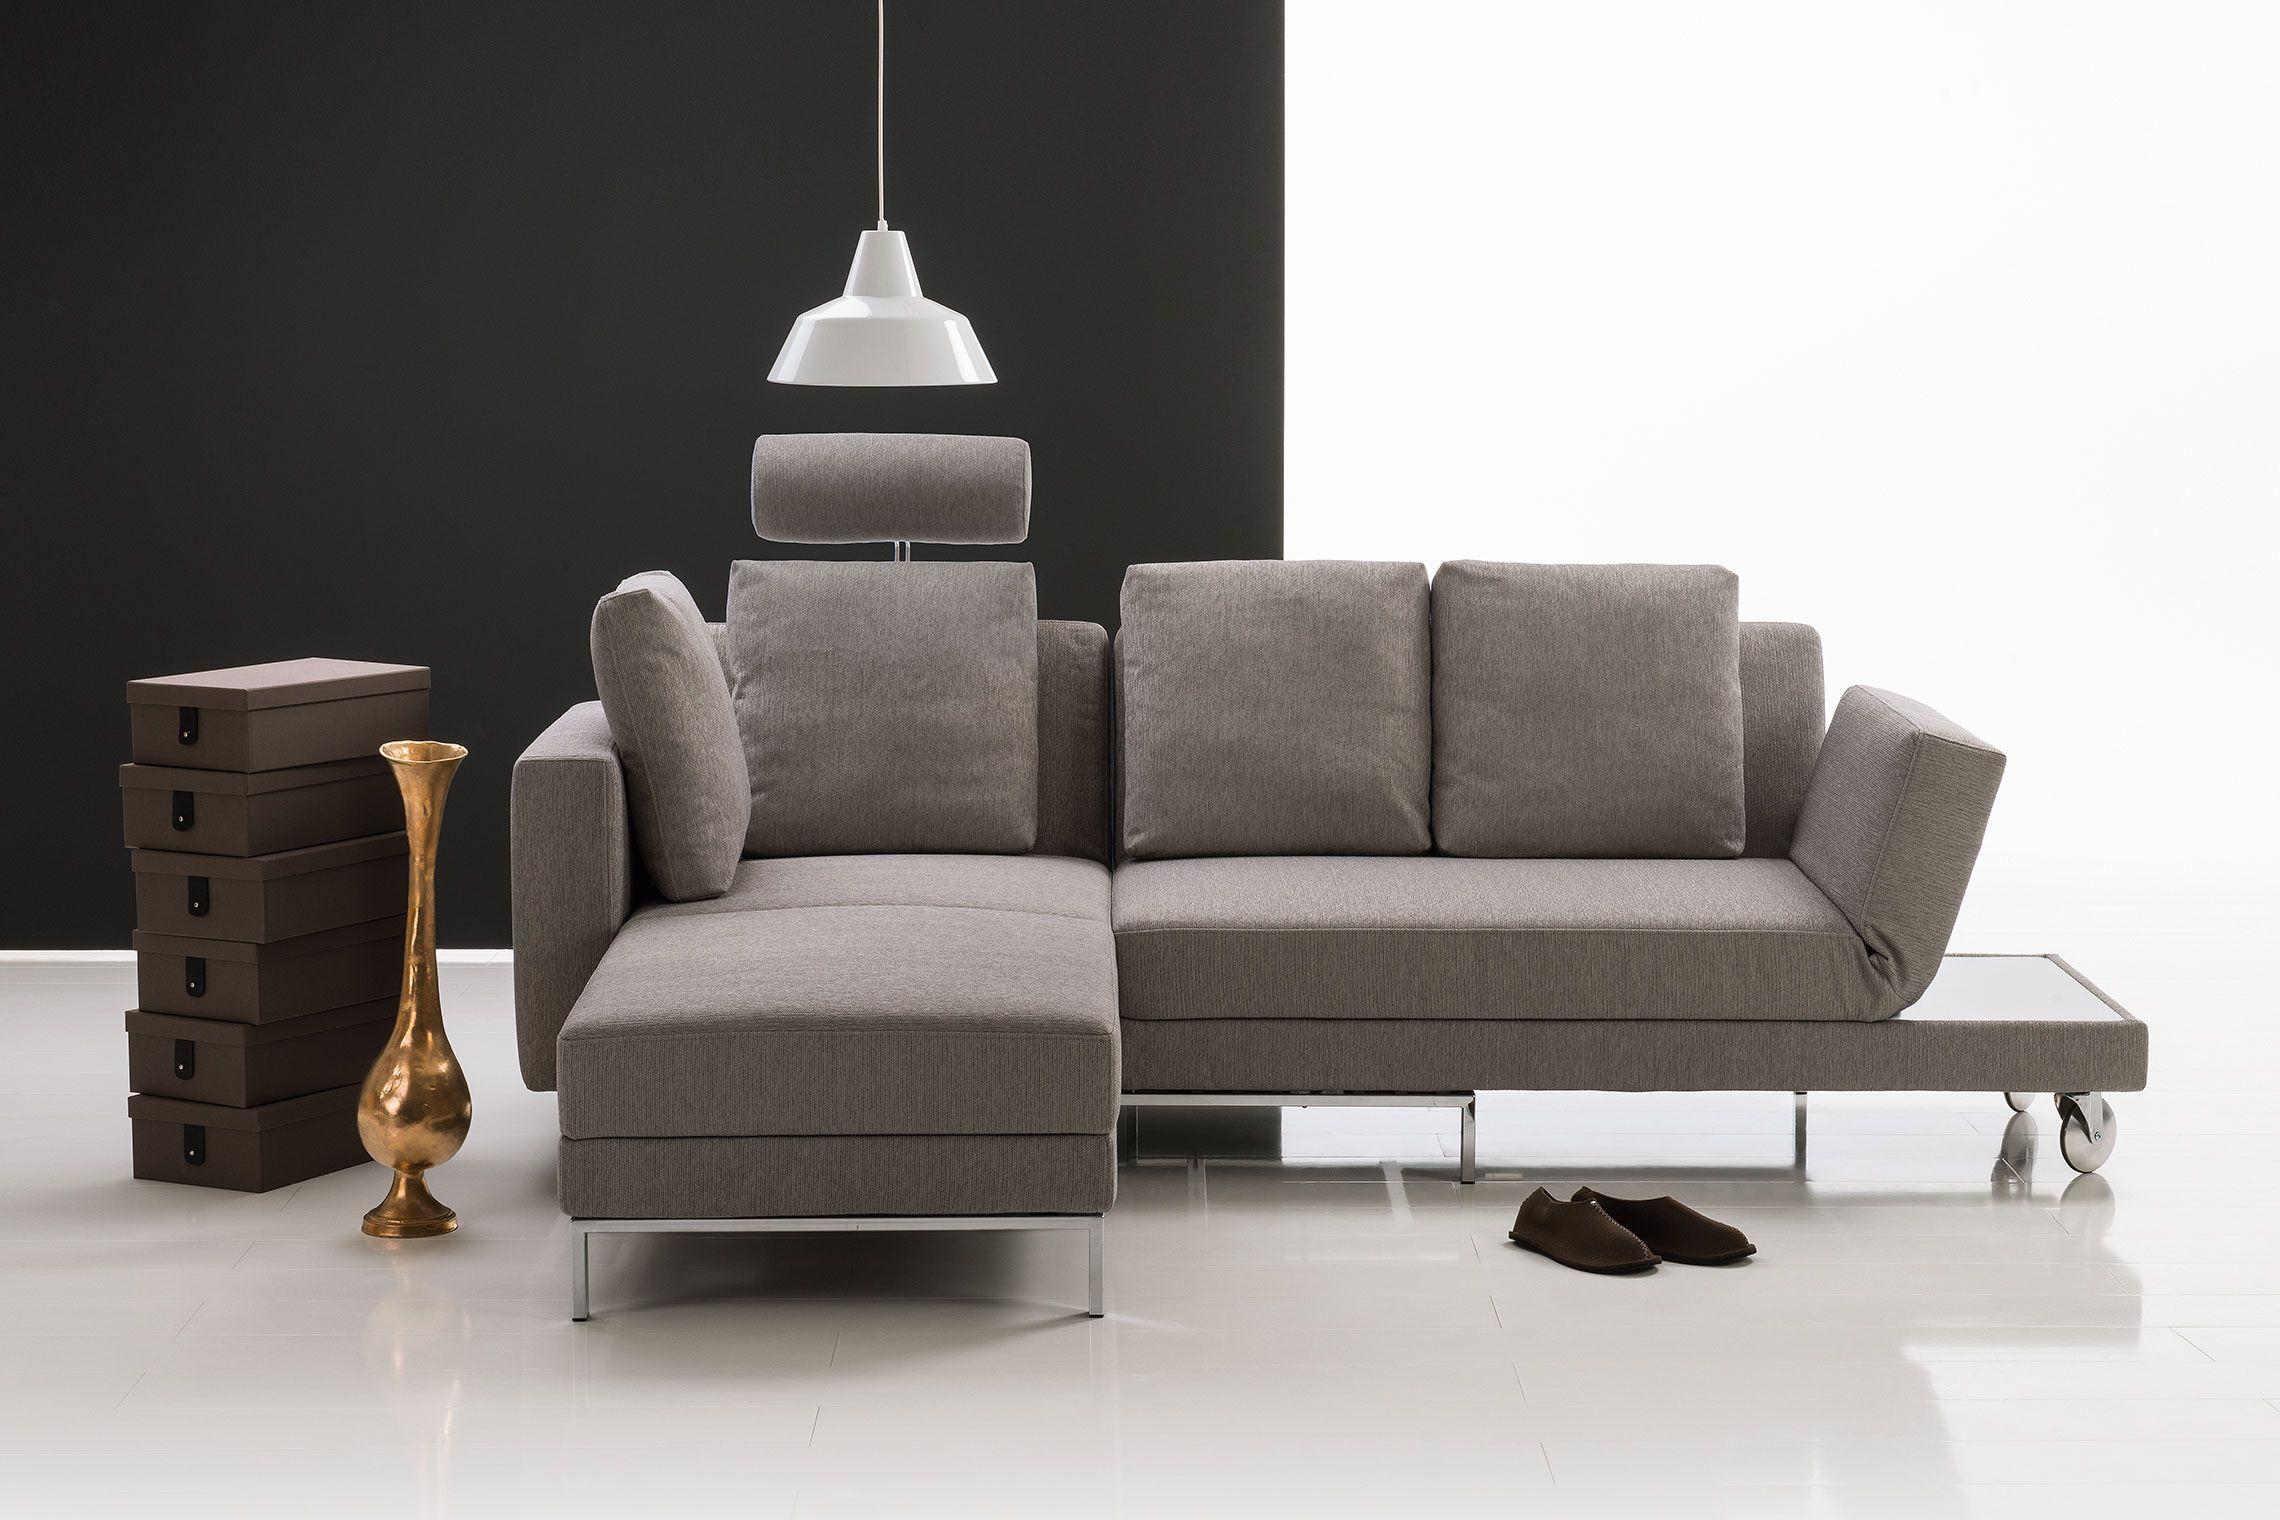 multifunktion für kleine interieurs: die architektonisch klare, Wohnzimmer dekoo